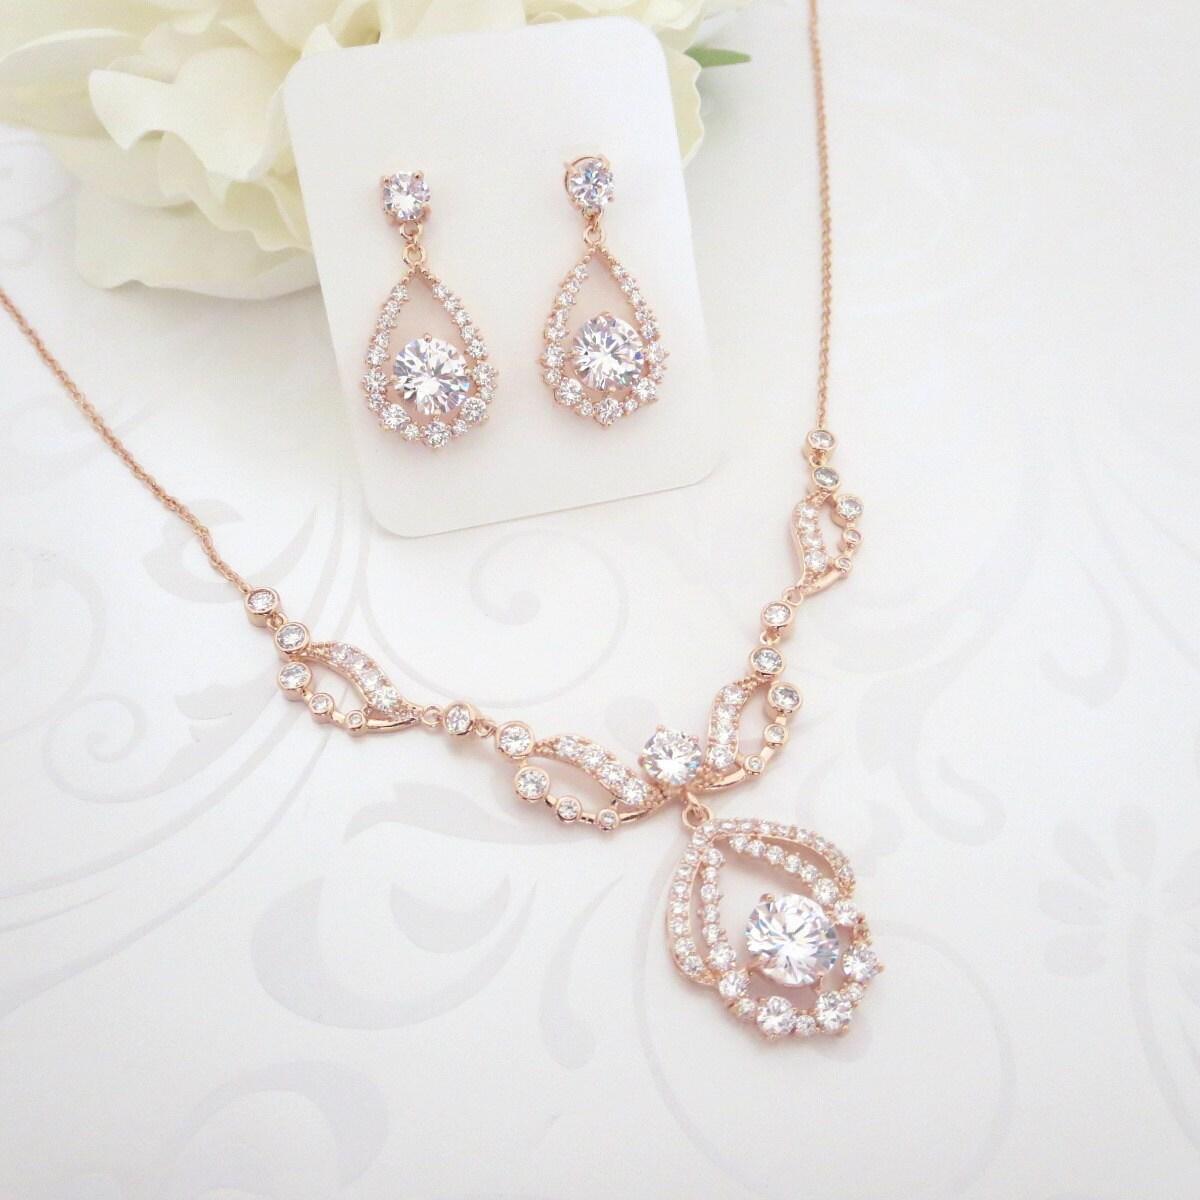 rose gold necklace set rose gold bridal necklace wedding. Black Bedroom Furniture Sets. Home Design Ideas